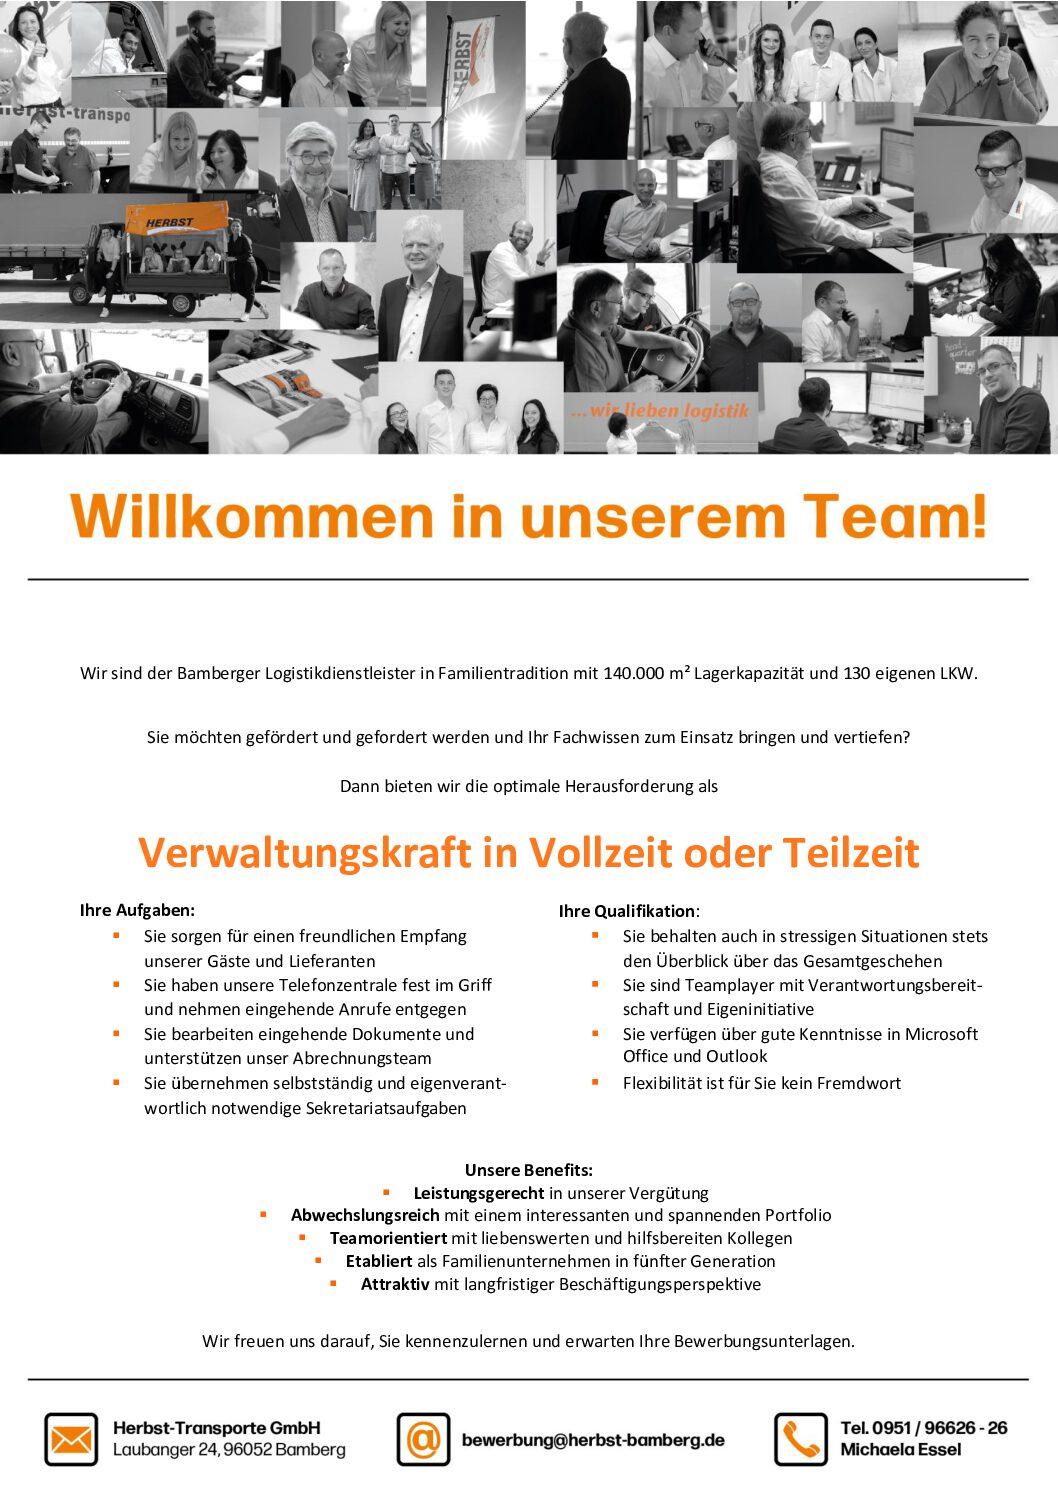 Willkommen In Unserem Team – Verwaltungskraft In Vollzeit Oder Teilzeit Gesucht